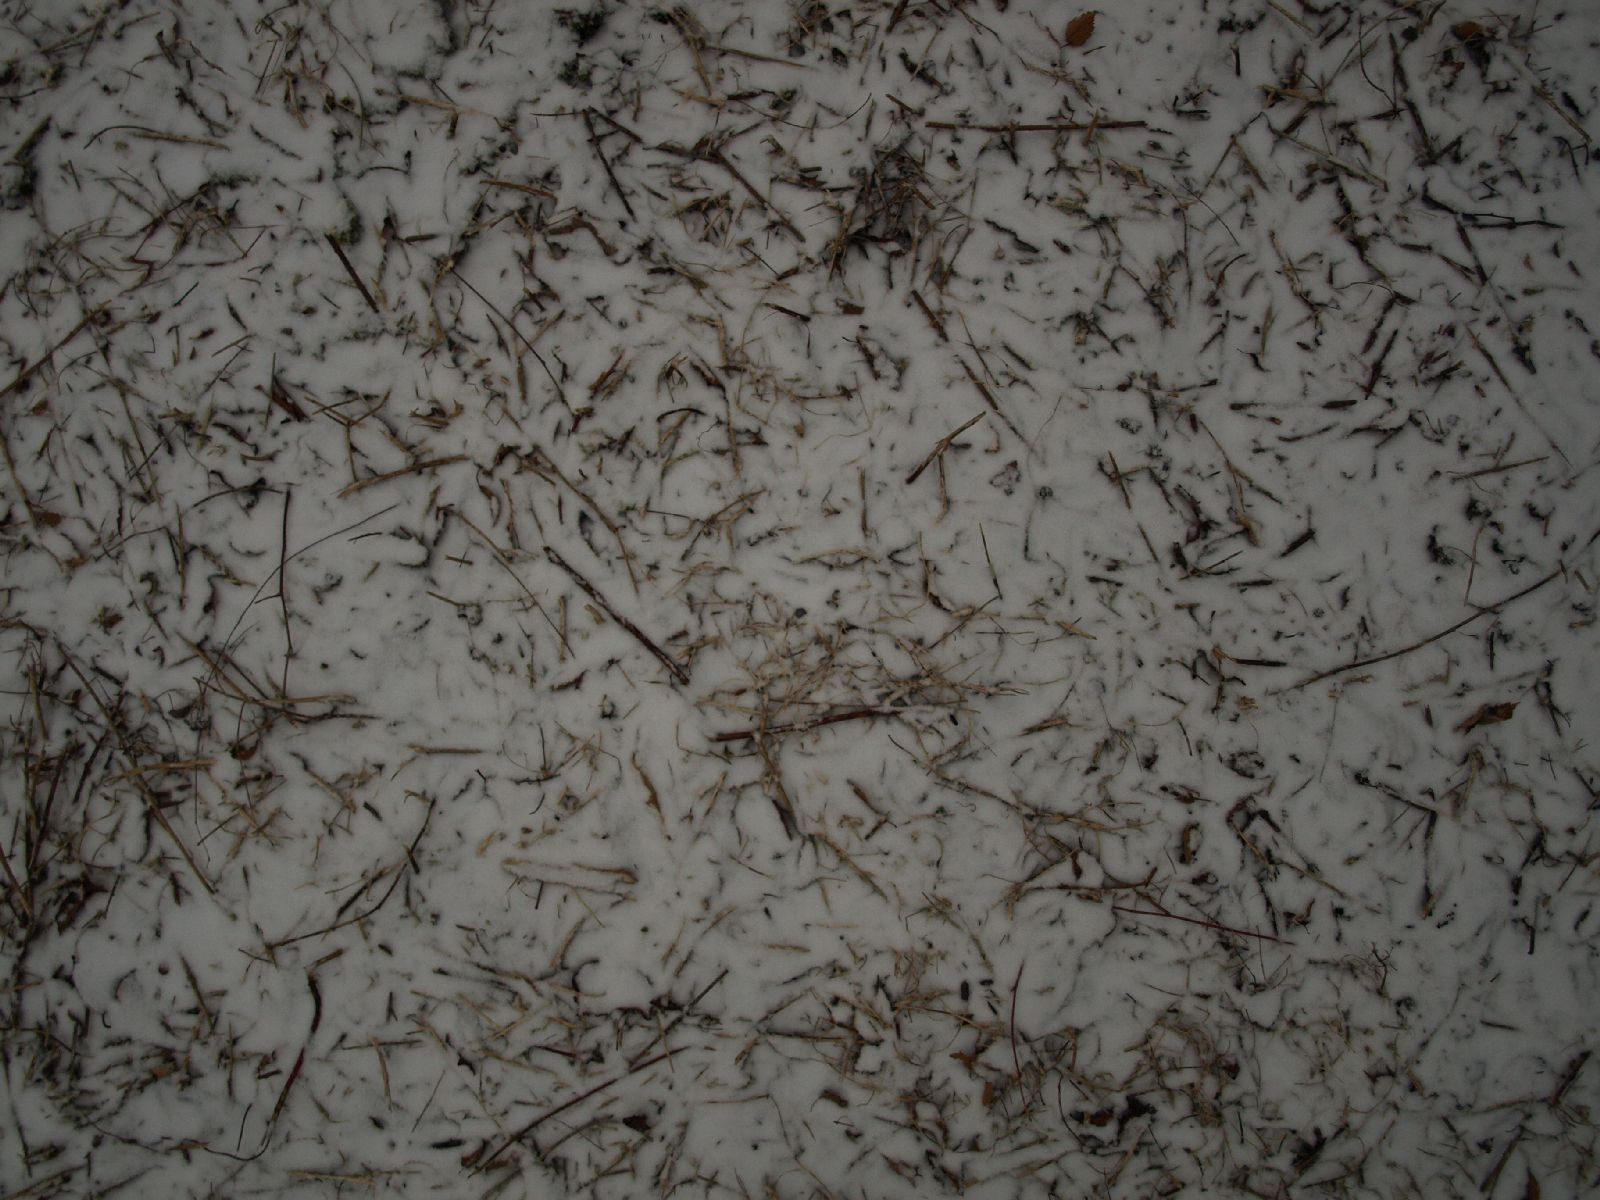 Schnee-Eis_Textur_A_P1028736